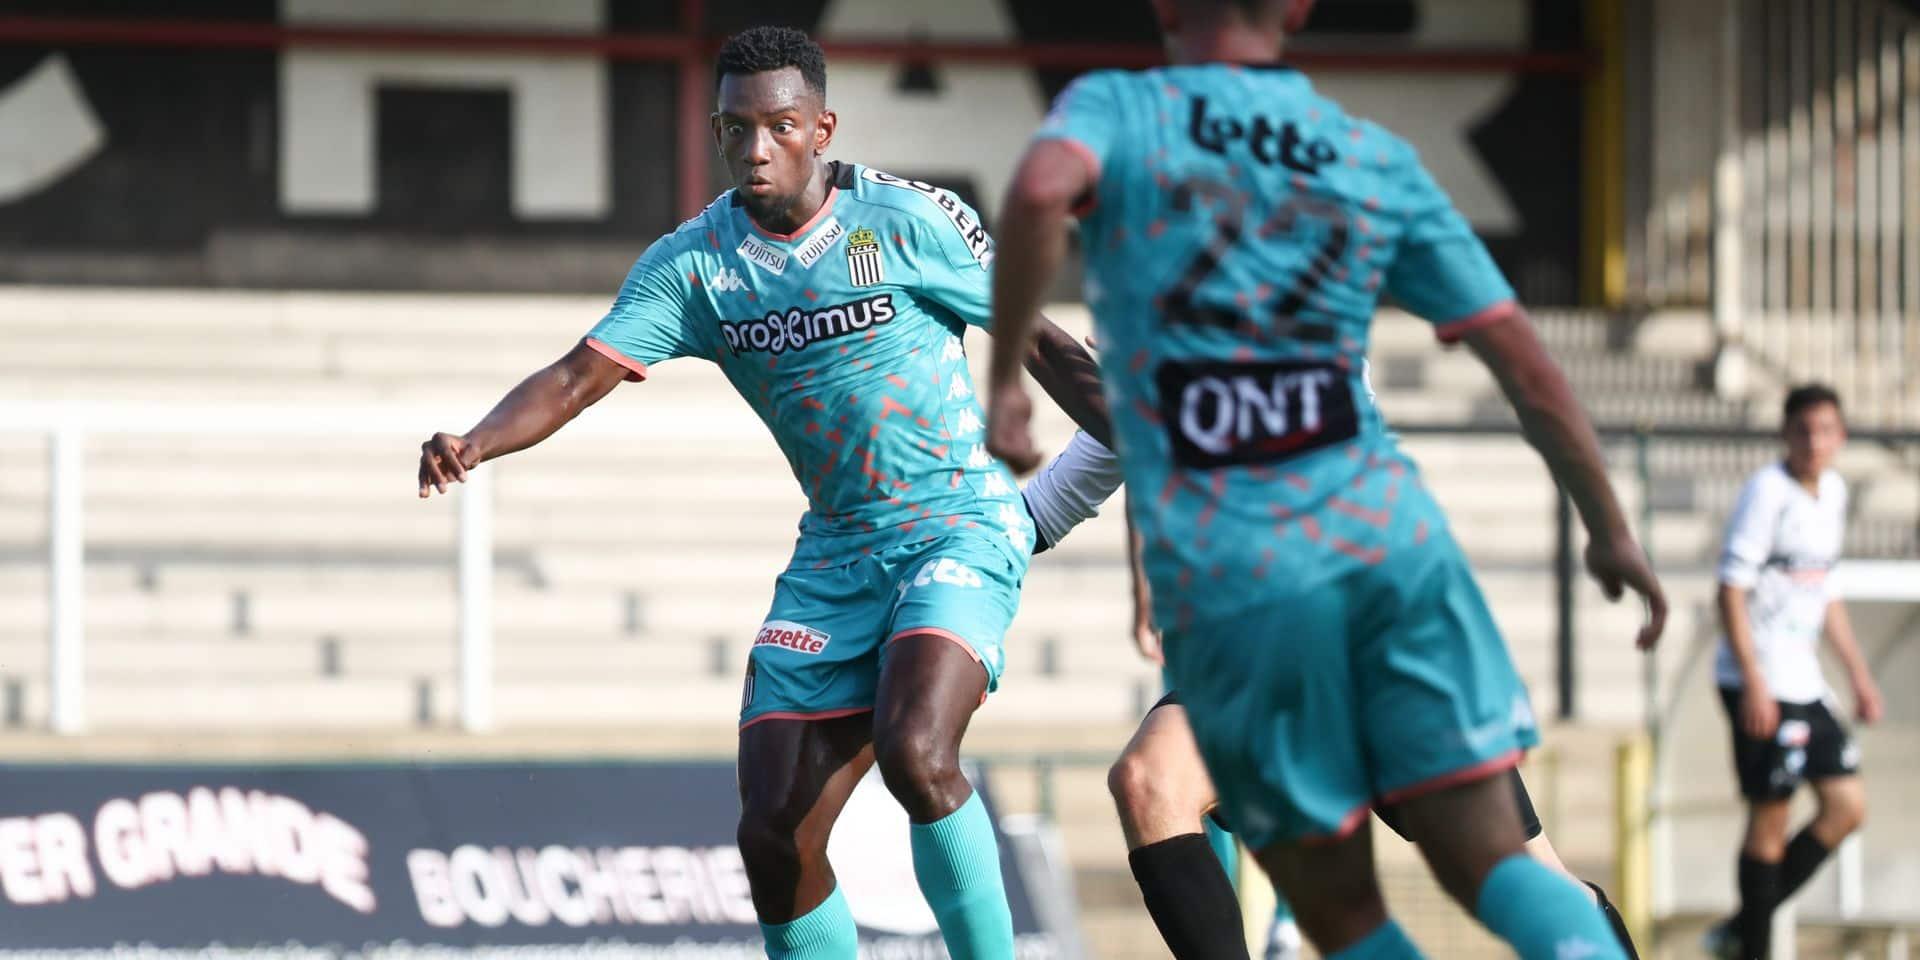 En manque de temps de jeu, Frank Tsadjout devrait quitter Charleroi